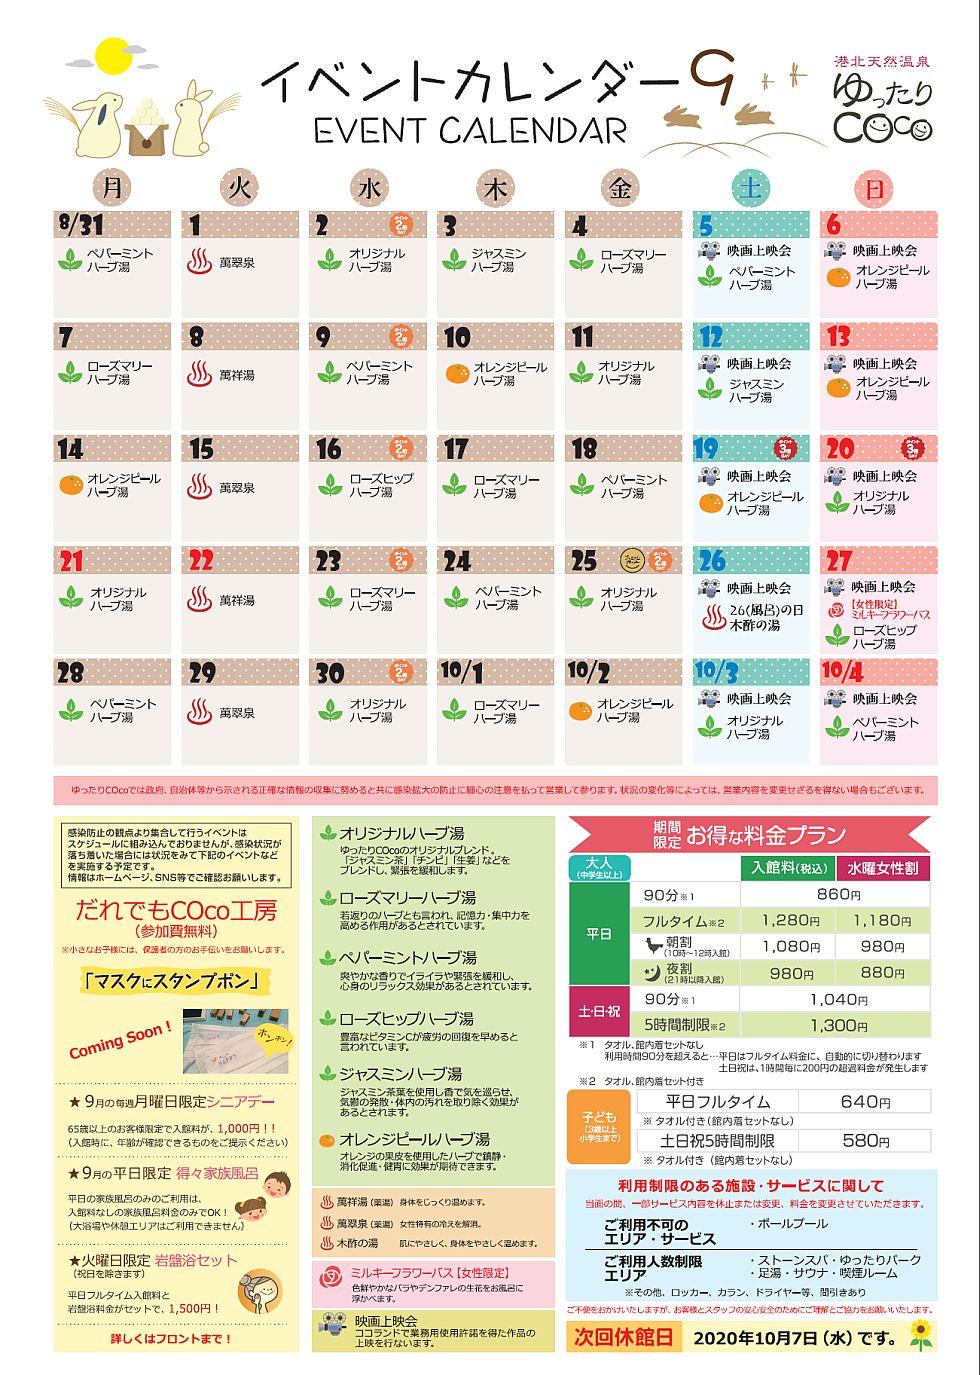 港北天然温泉ゆったりCOco イベントカレンダー